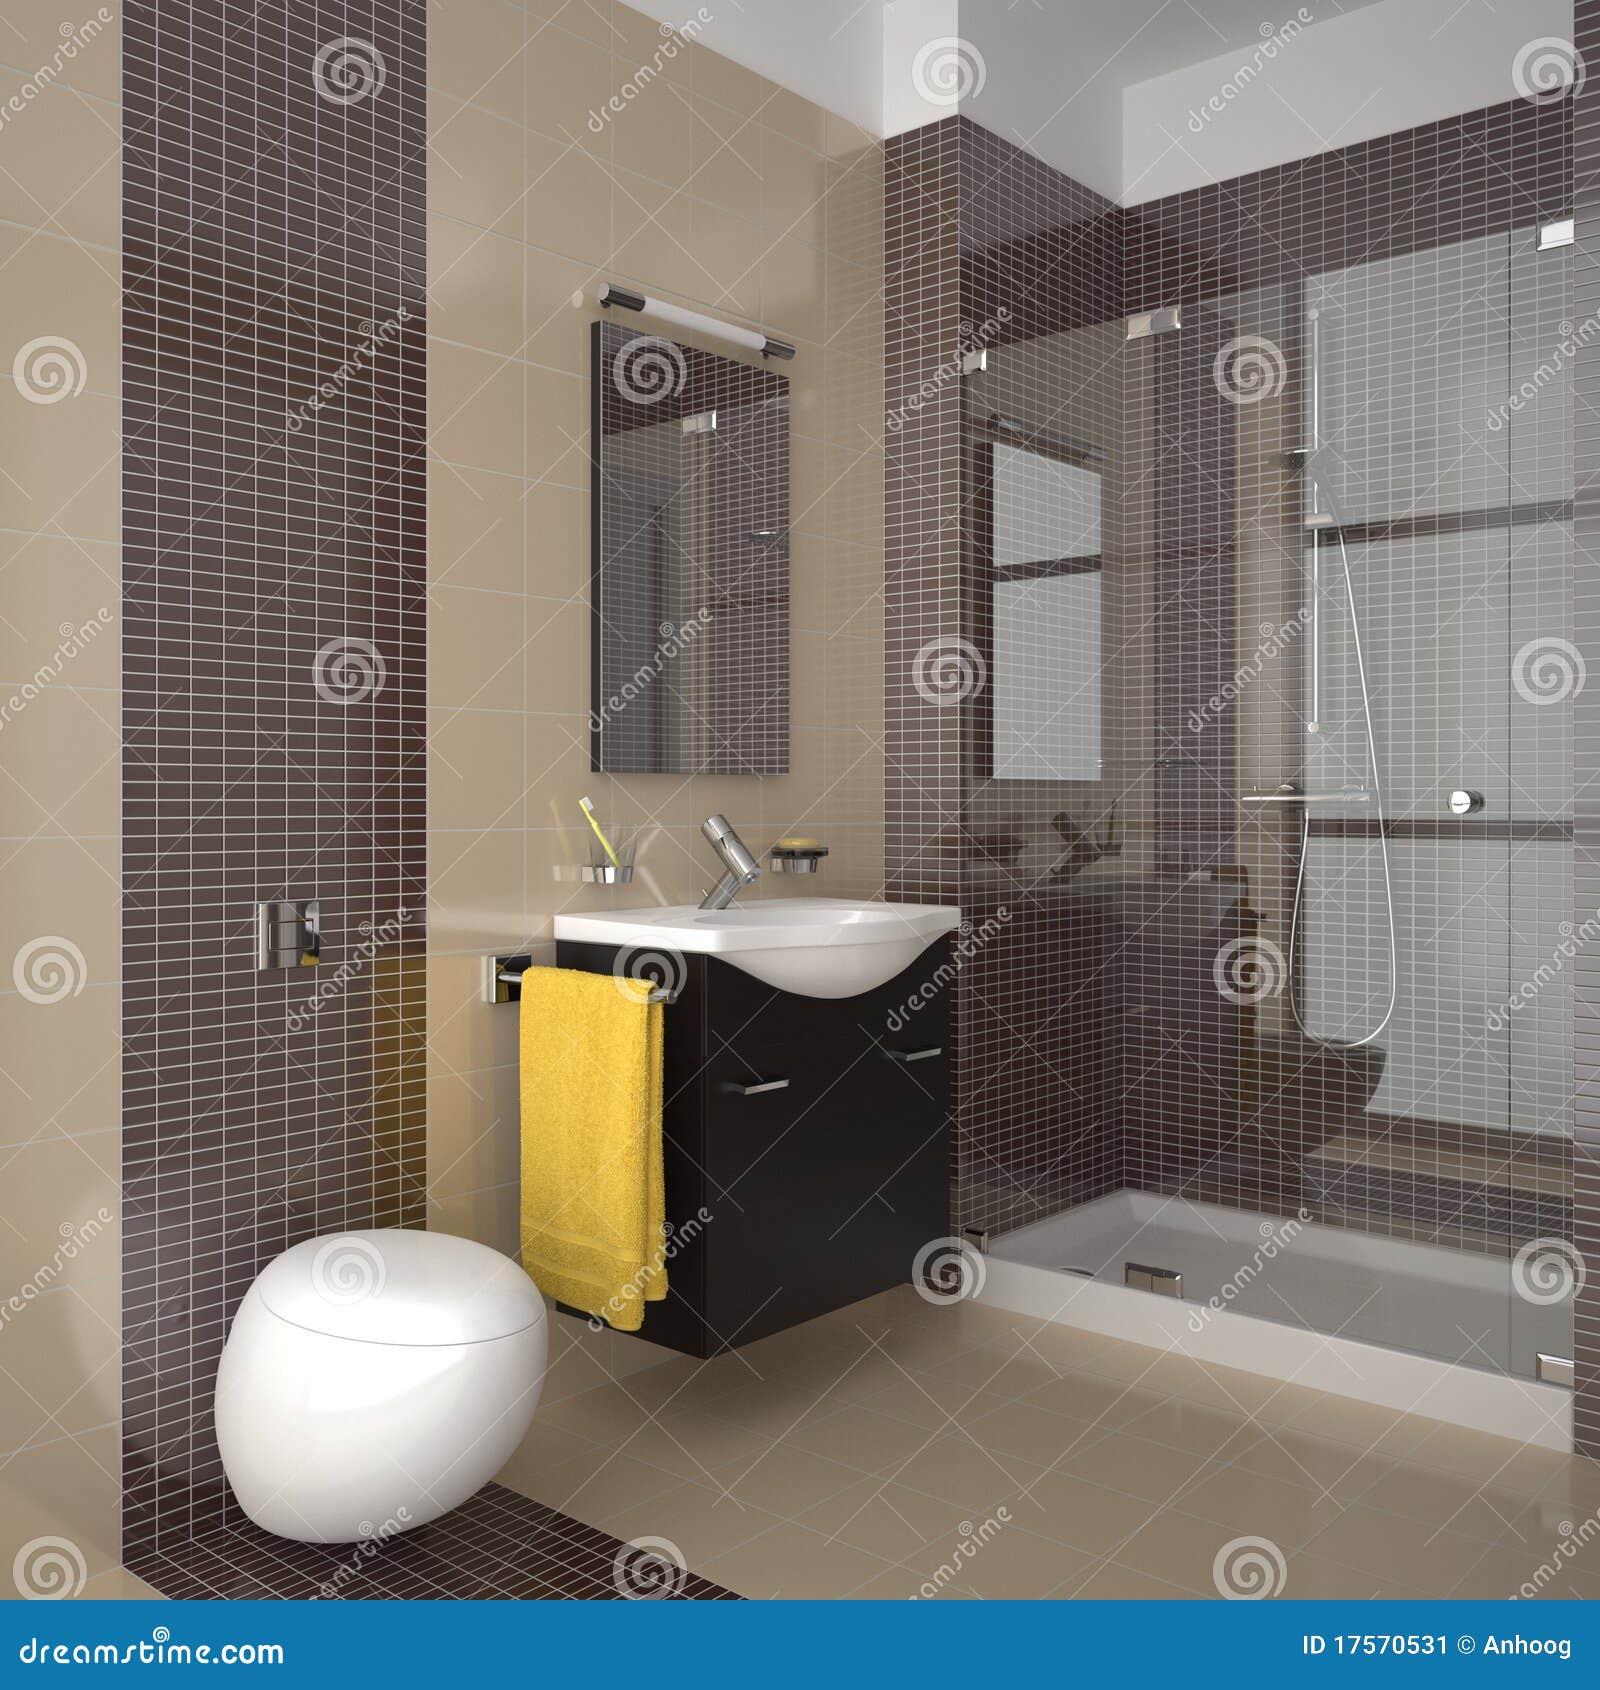 baos azulejos beige bathroom tile baos azulejos marrones